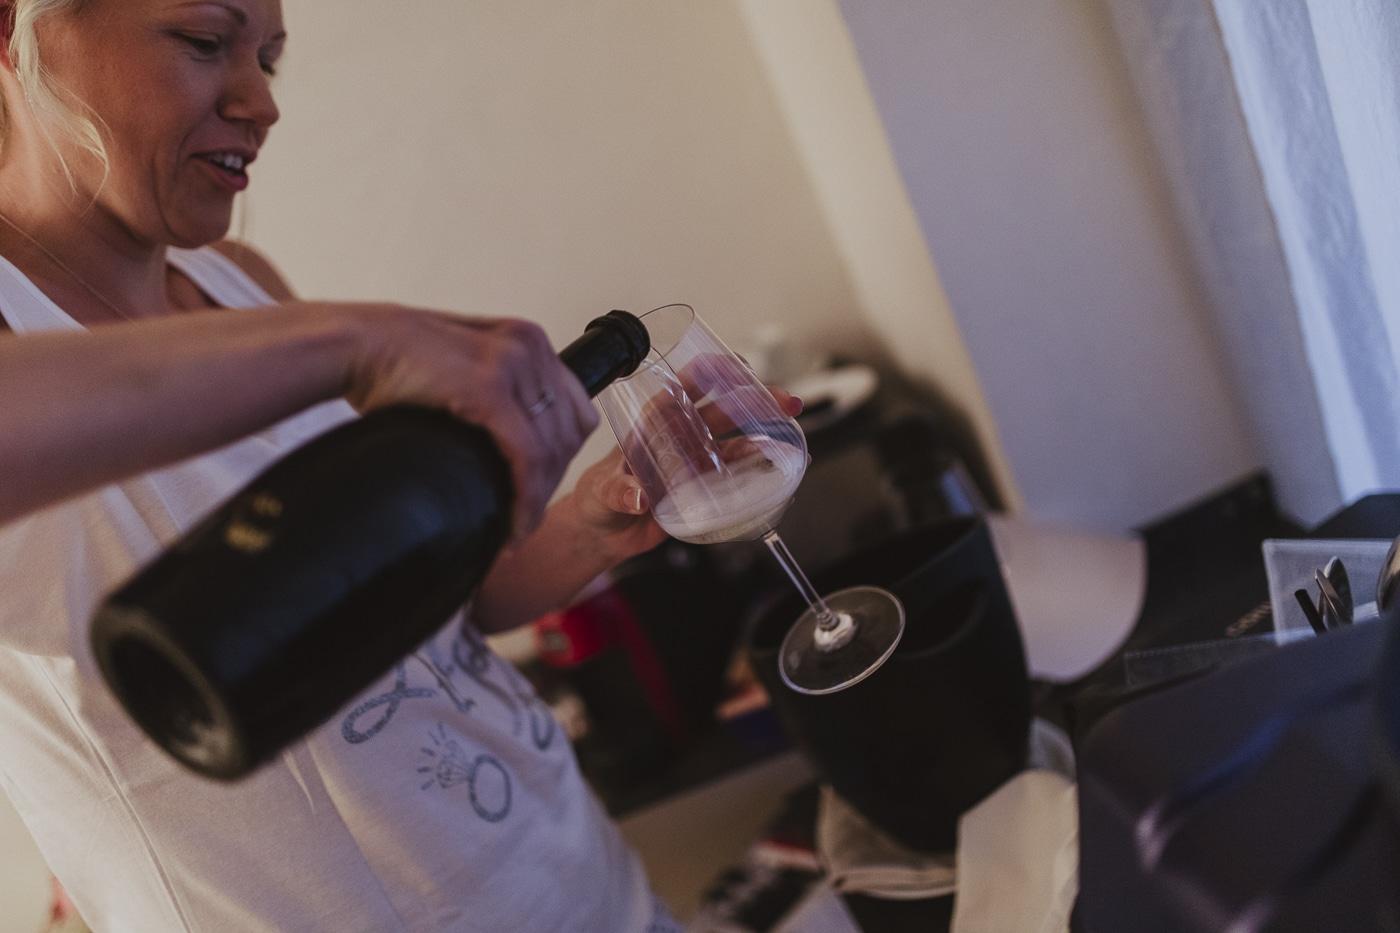 Bride pouring bubbles into a wine glass